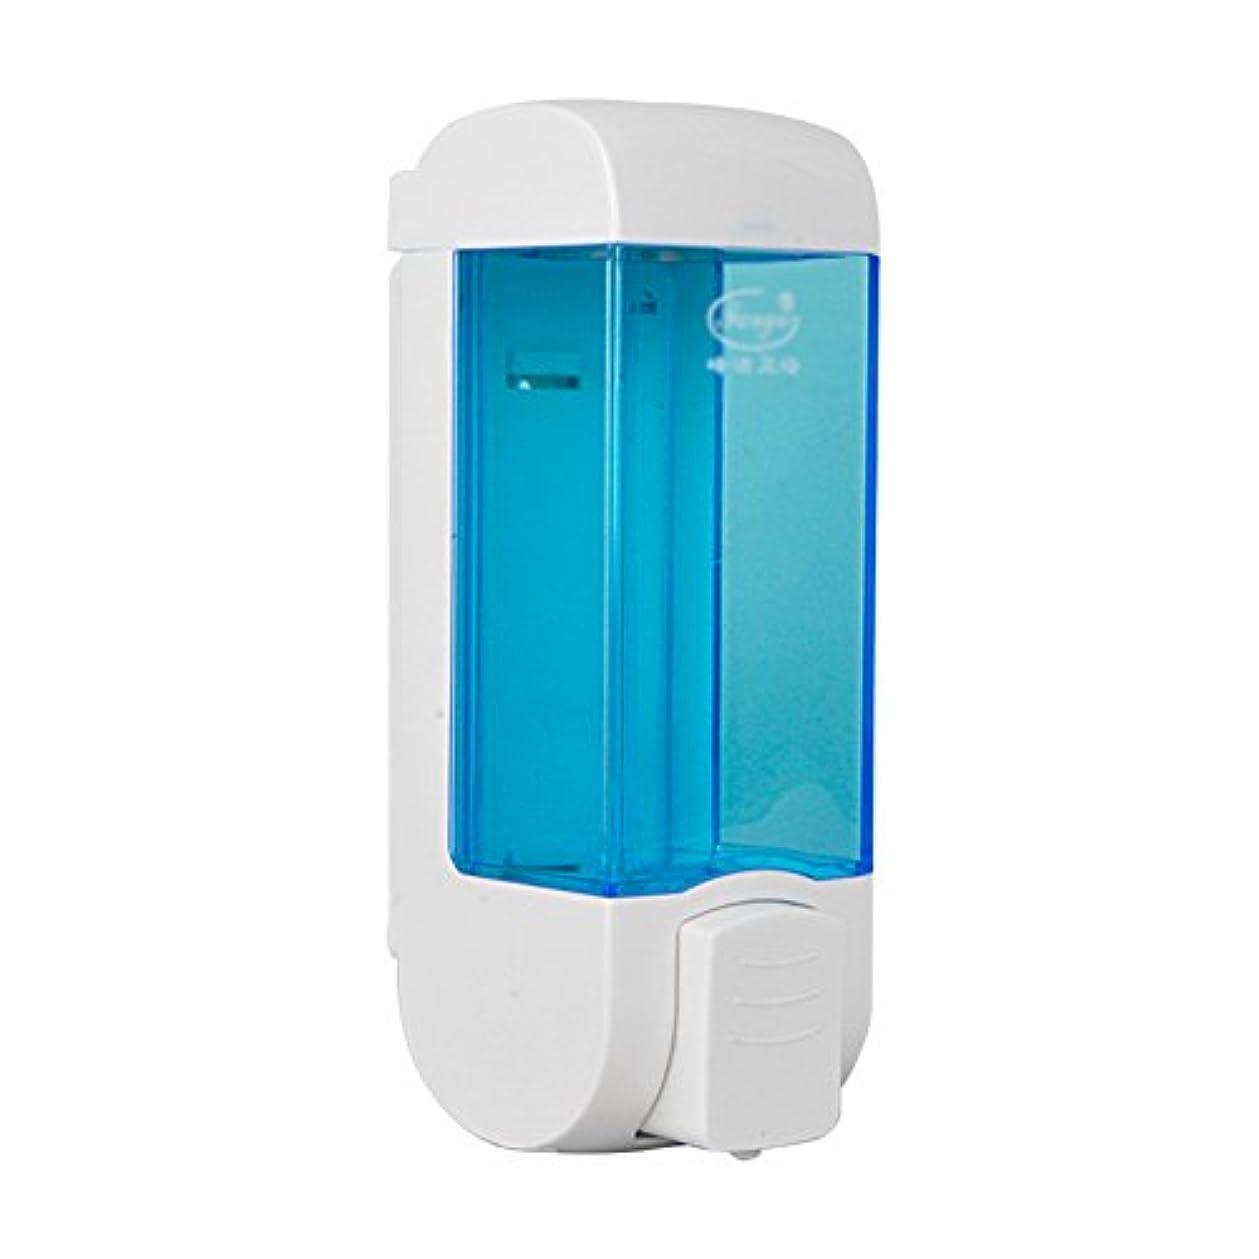 誤破裂潮ZEMIN ソープディスペンサー 壁掛け式 石鹸ディスペンサー 帰納的 マニュアル ポンプ 2頭 シャンプー 液体 石鹸 クリーン、 プラスチック、 青、 300ML (色 : 1)